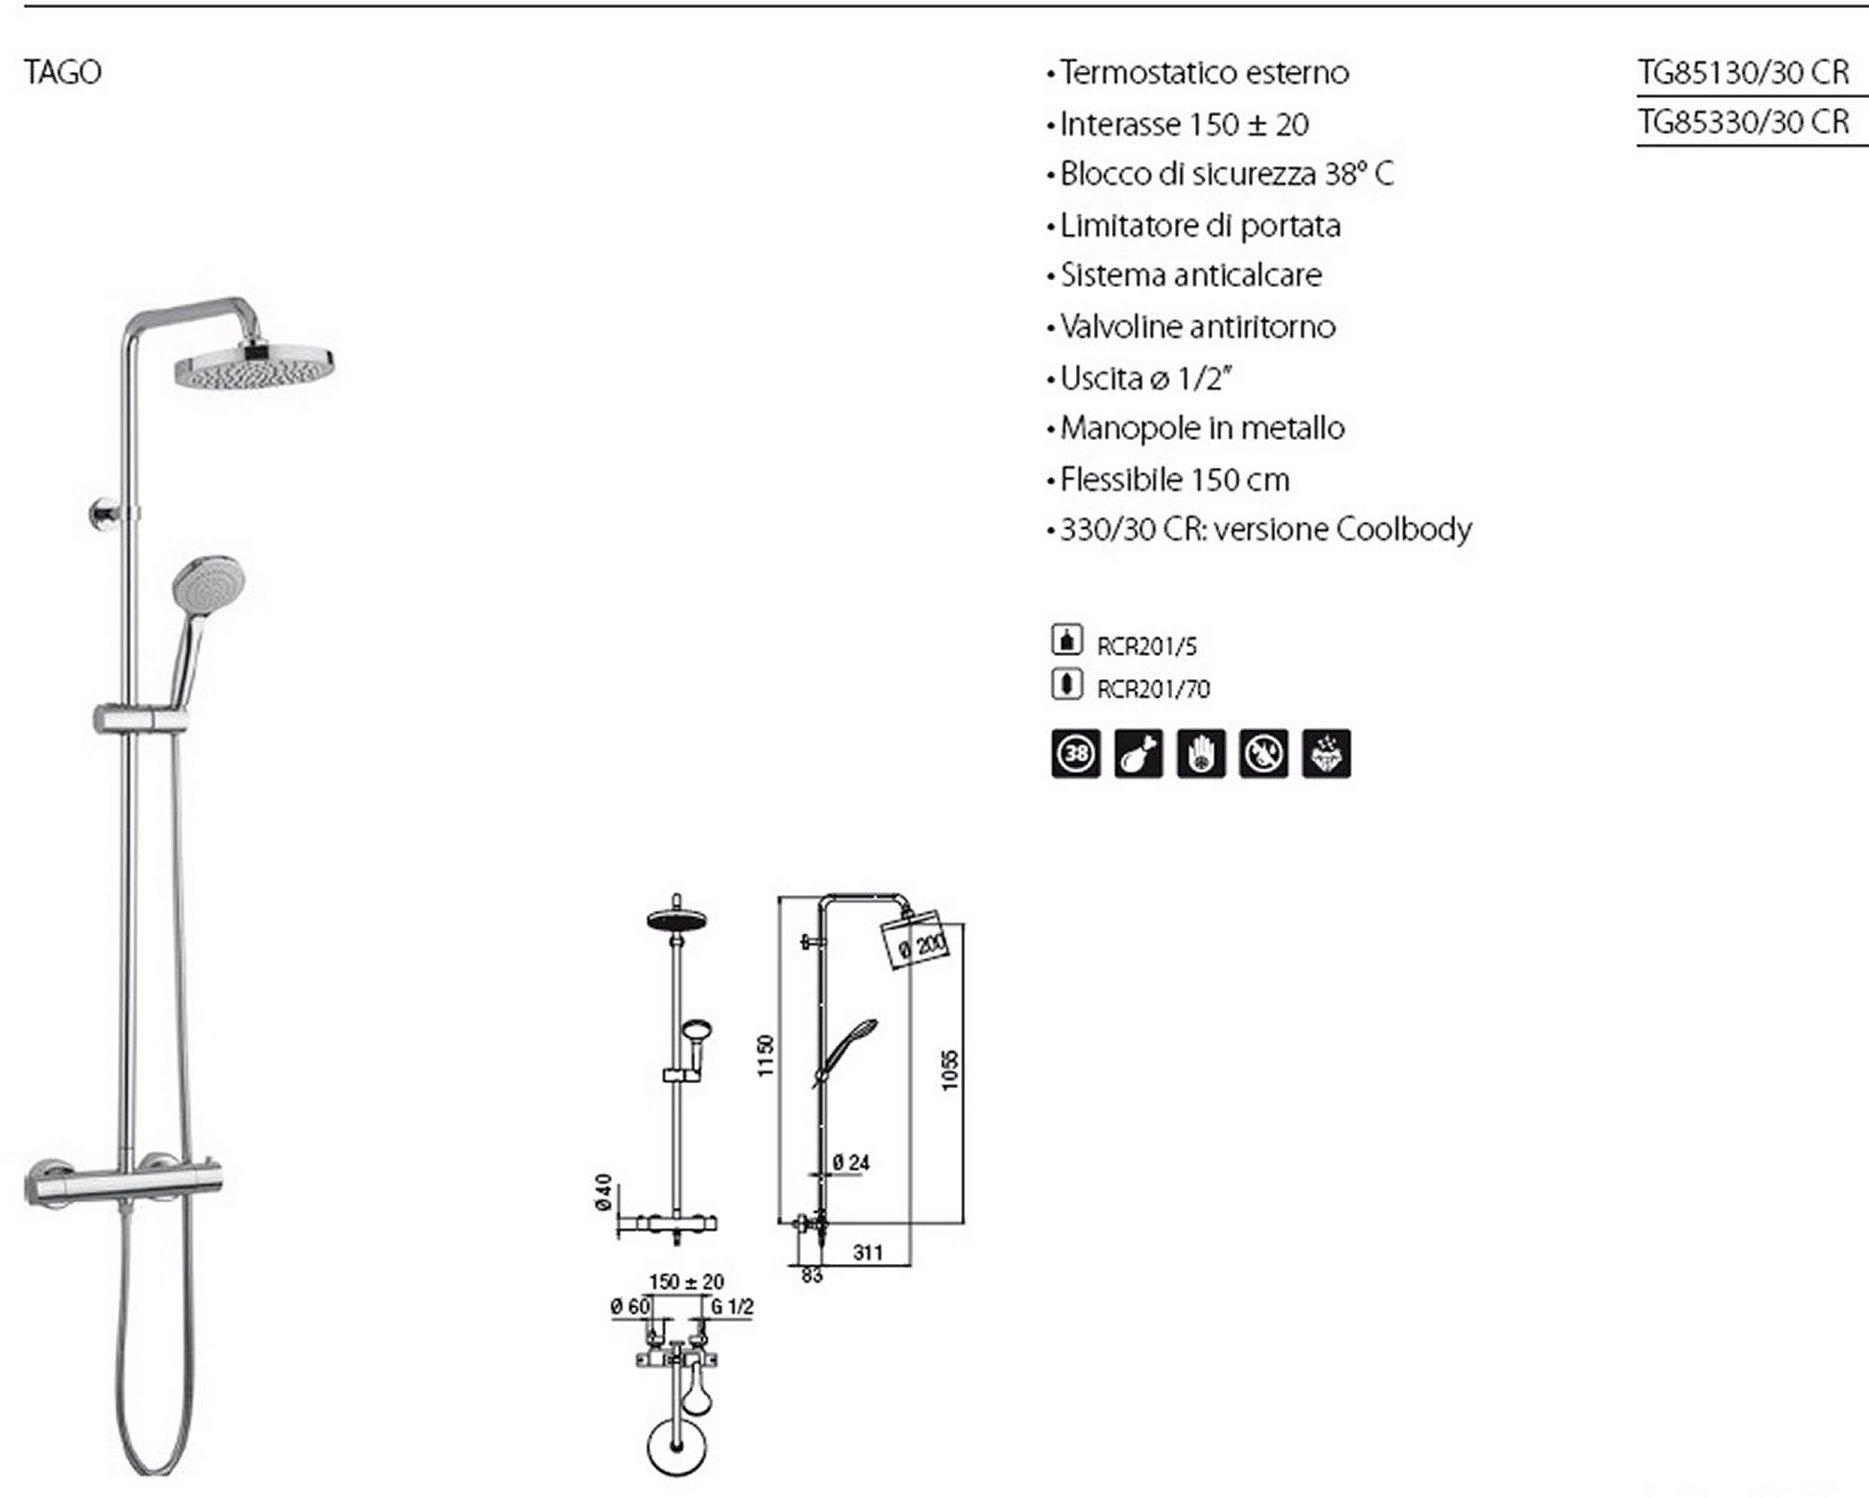 Colonna Doccia Nobili Tago.Dettagli Su Nobili Tago Tg85330 30 Colonna Doccia Con Miscelatore Termostatico E Soffione